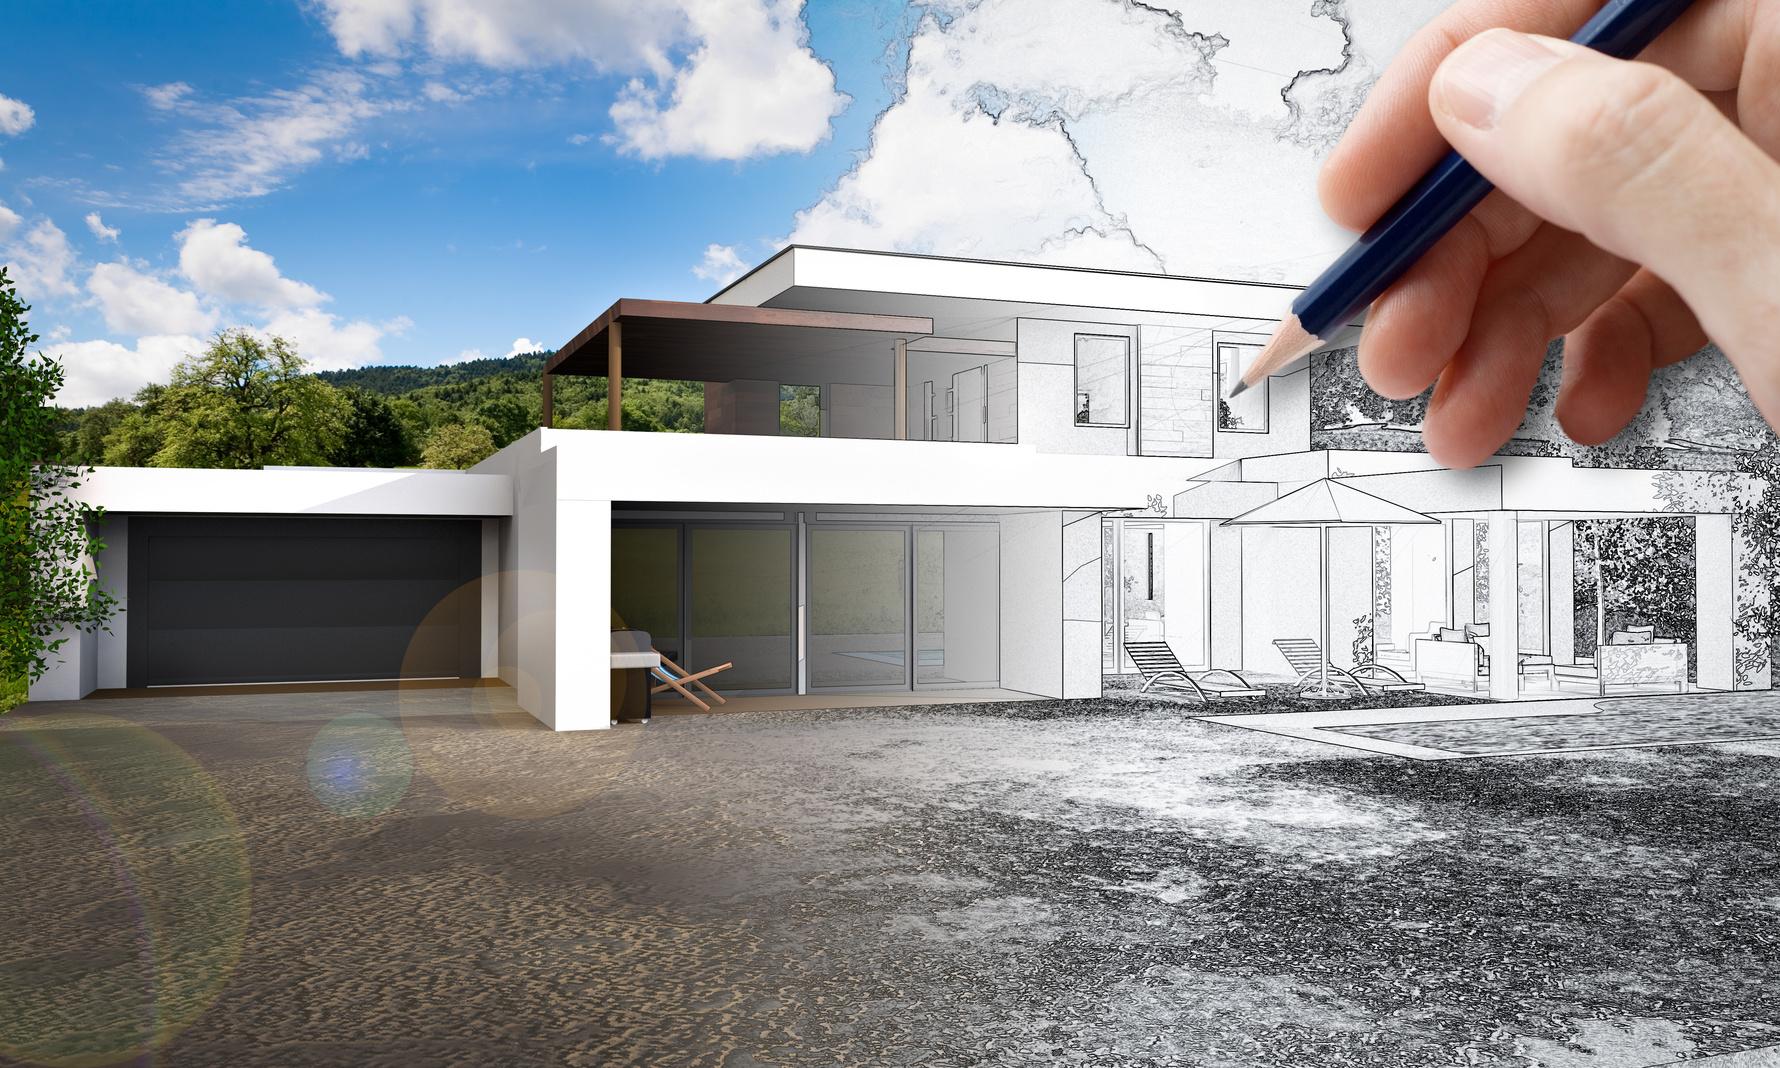 Crédit en ligne : emprunter pour réaliser des projets immobiliers